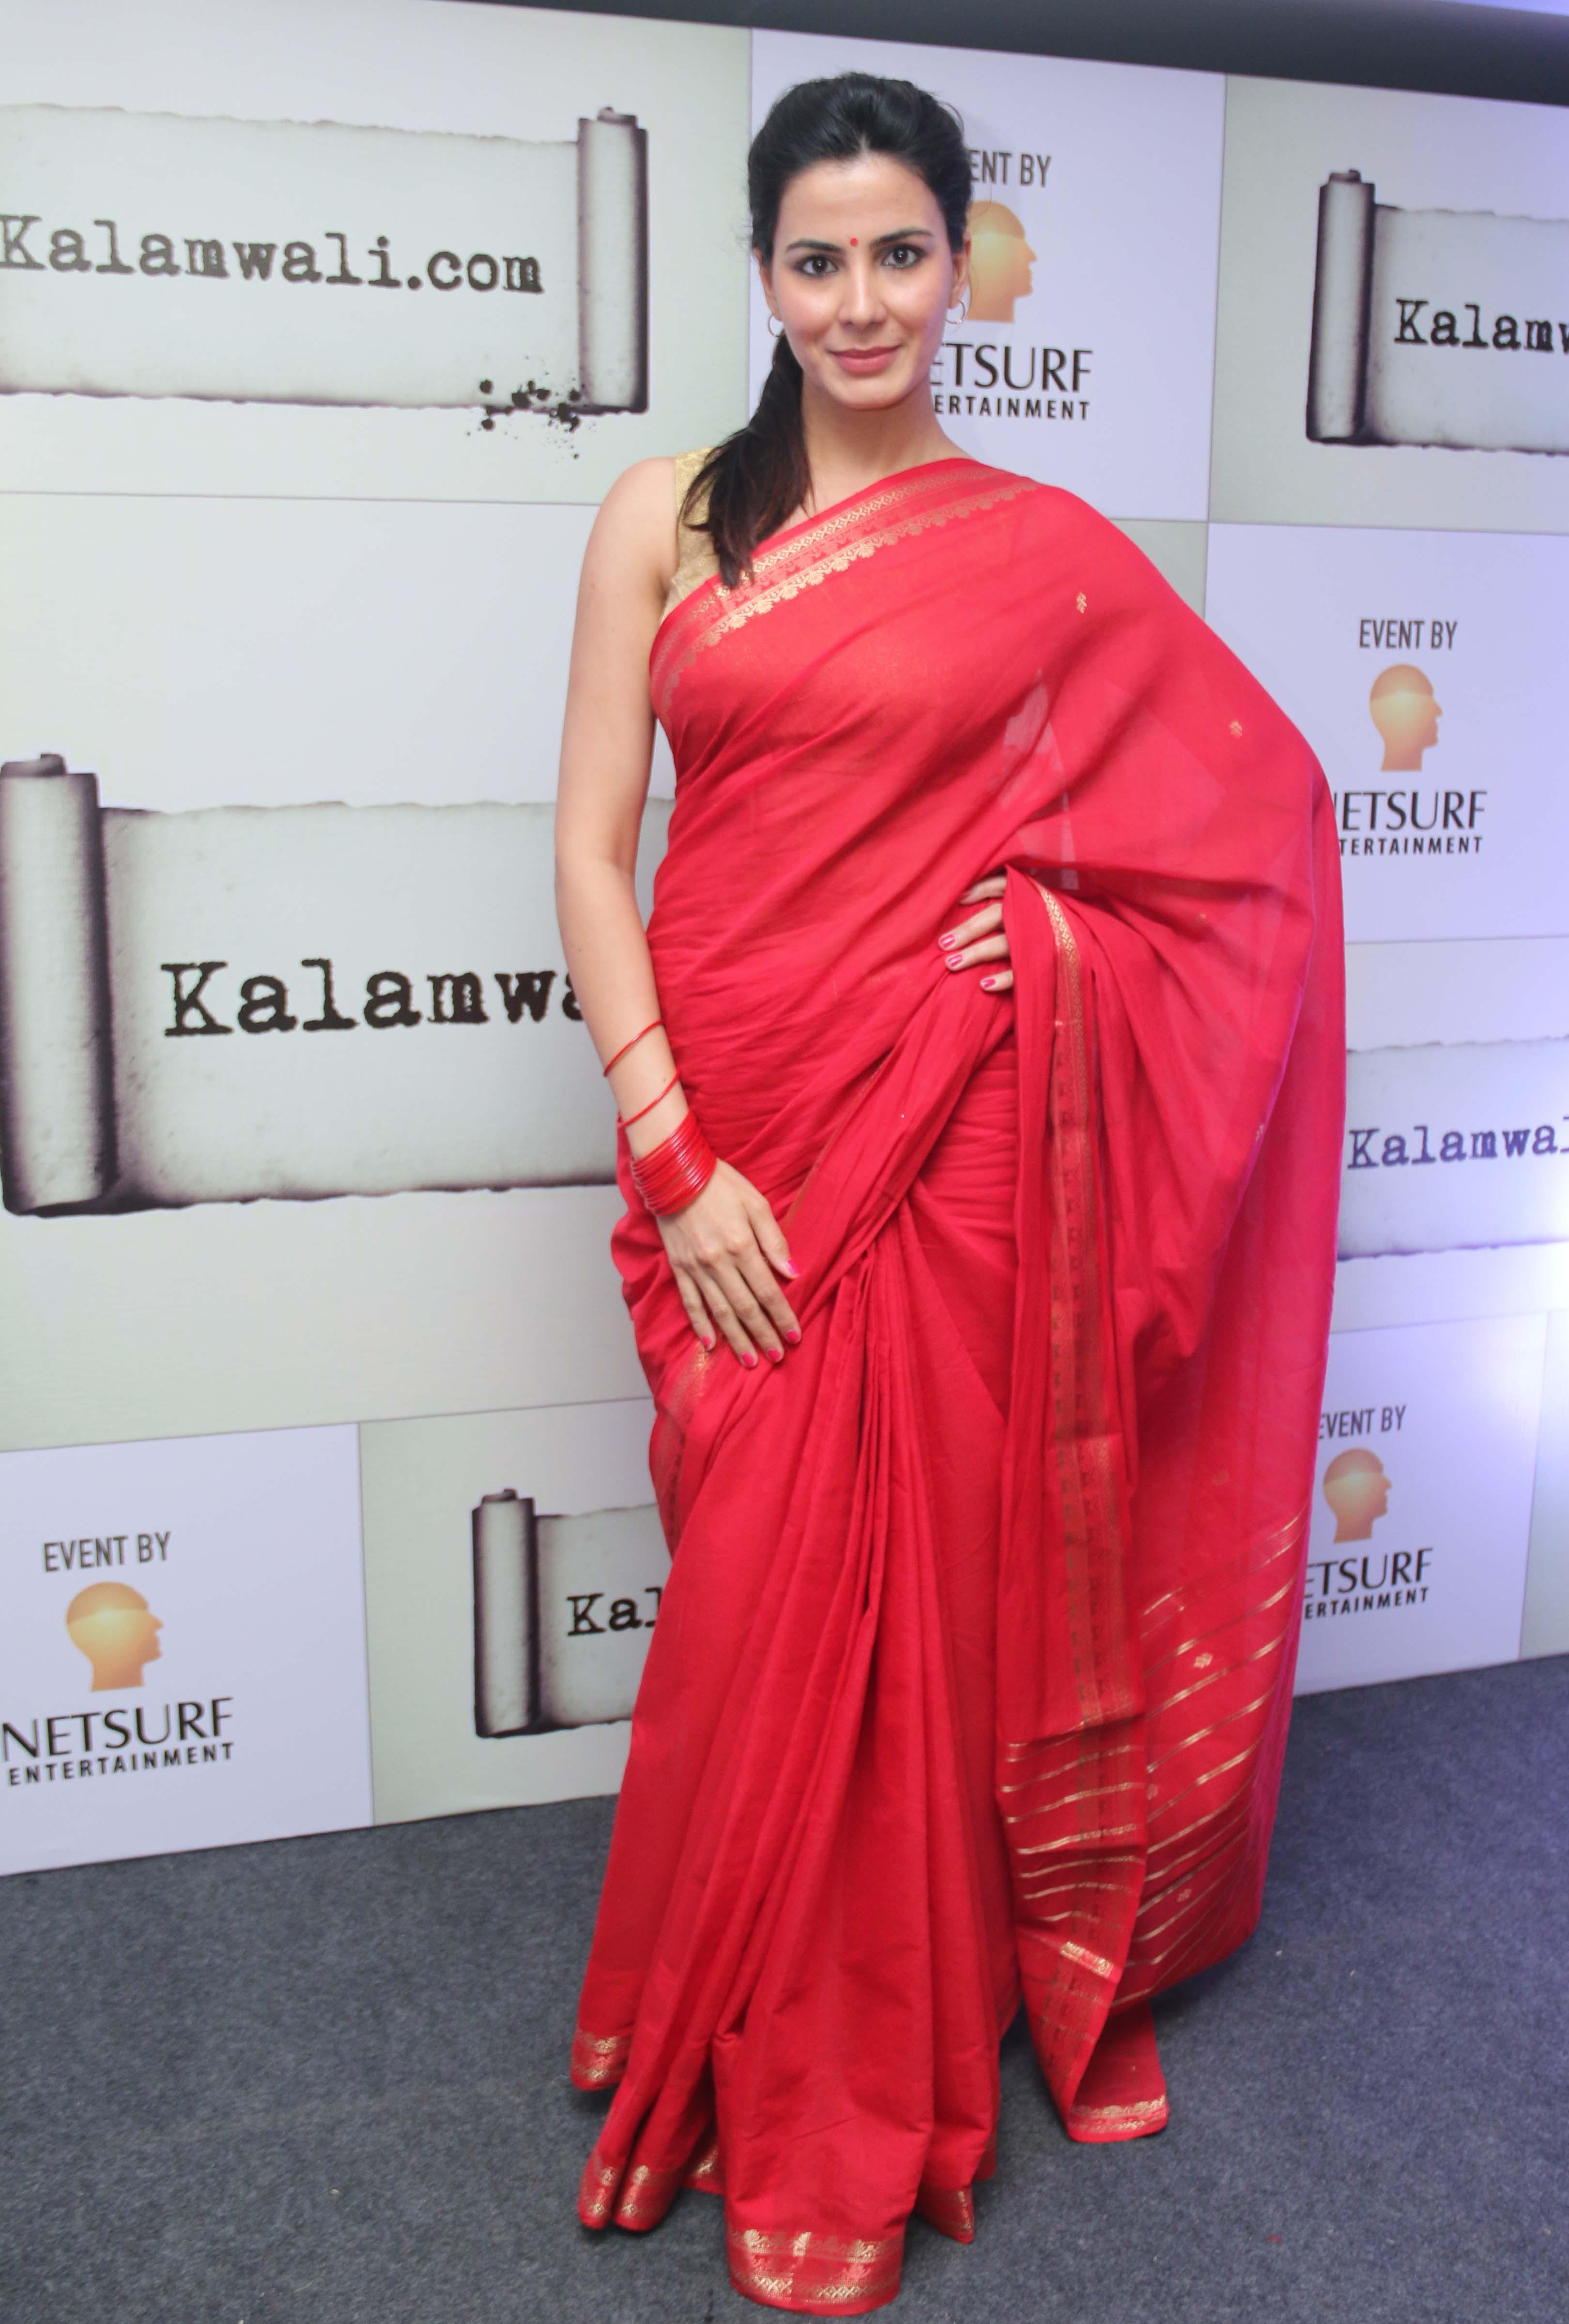 Kirti Kulhari Kalamwali.com launch (1)